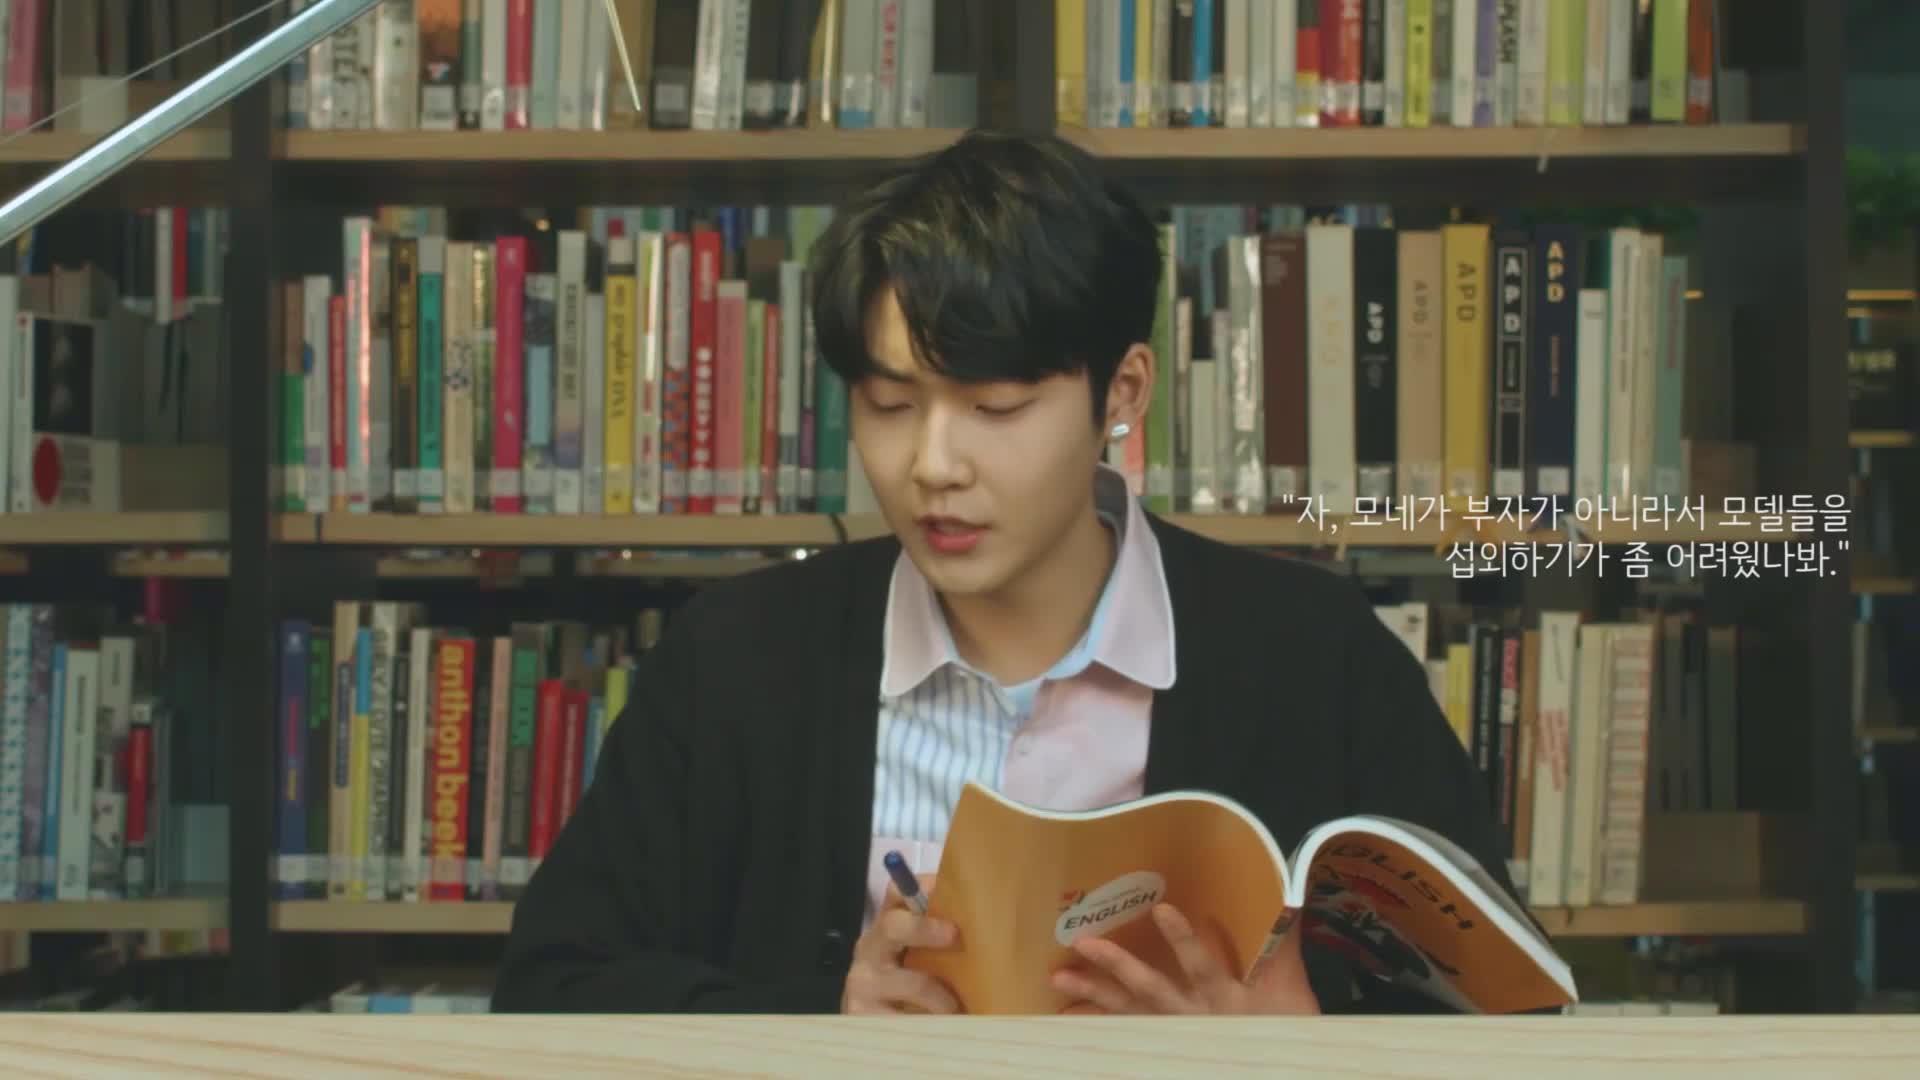 케빈이랑 영어 공부를 같이 한다면? <고1이라면 덥즈랑 교과서 위주로 열심히 하자>